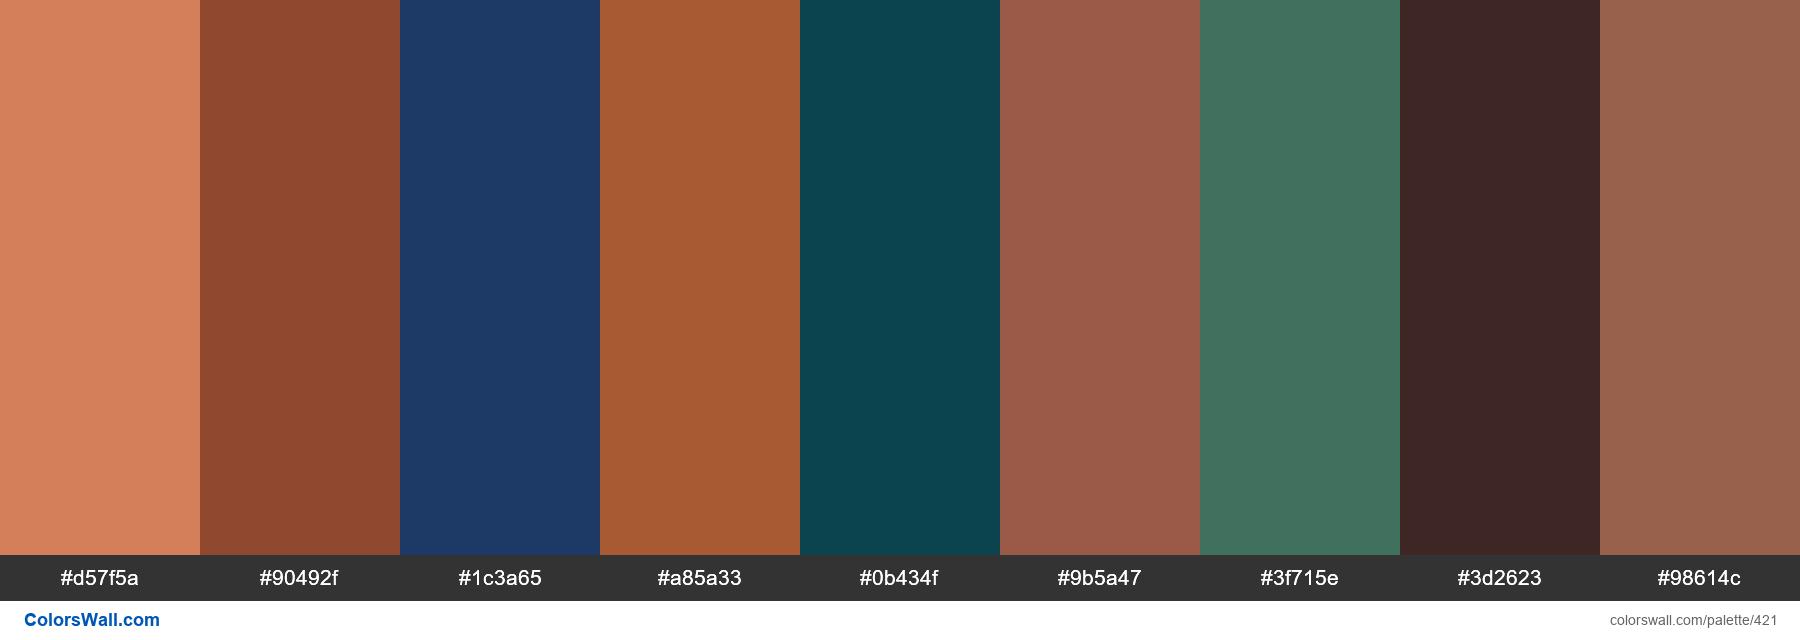 Makeup color palette - #421